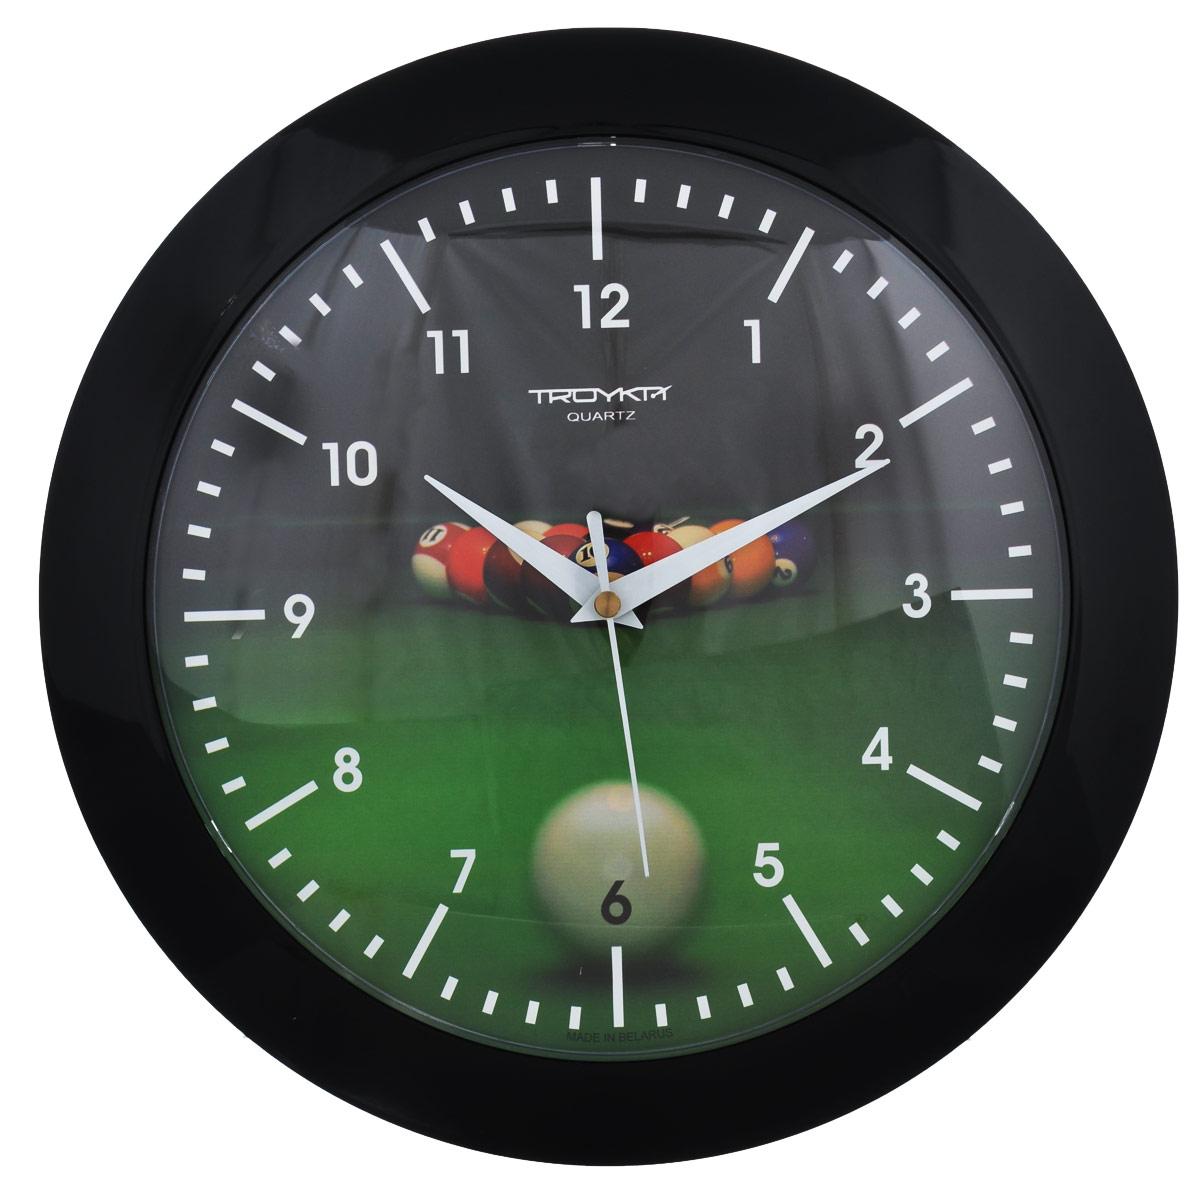 Часы настенные Troyka Бильярд. 5150052151500521Настенные кварцевые часы Troyka Бильярд, изготовленные из пластика, прекрасно подойдут под интерьер вашего дома. Круглые часы имеют три стрелки: часовую, минутную и секундную, циферблат украшен изображением бильярдных шаров на столе и защищен прозрачным пластиком. Диаметр часов: 30,5 см. Часы работают от 1 батарейки типа АА напряжением 1,5 В (входит в комплект).